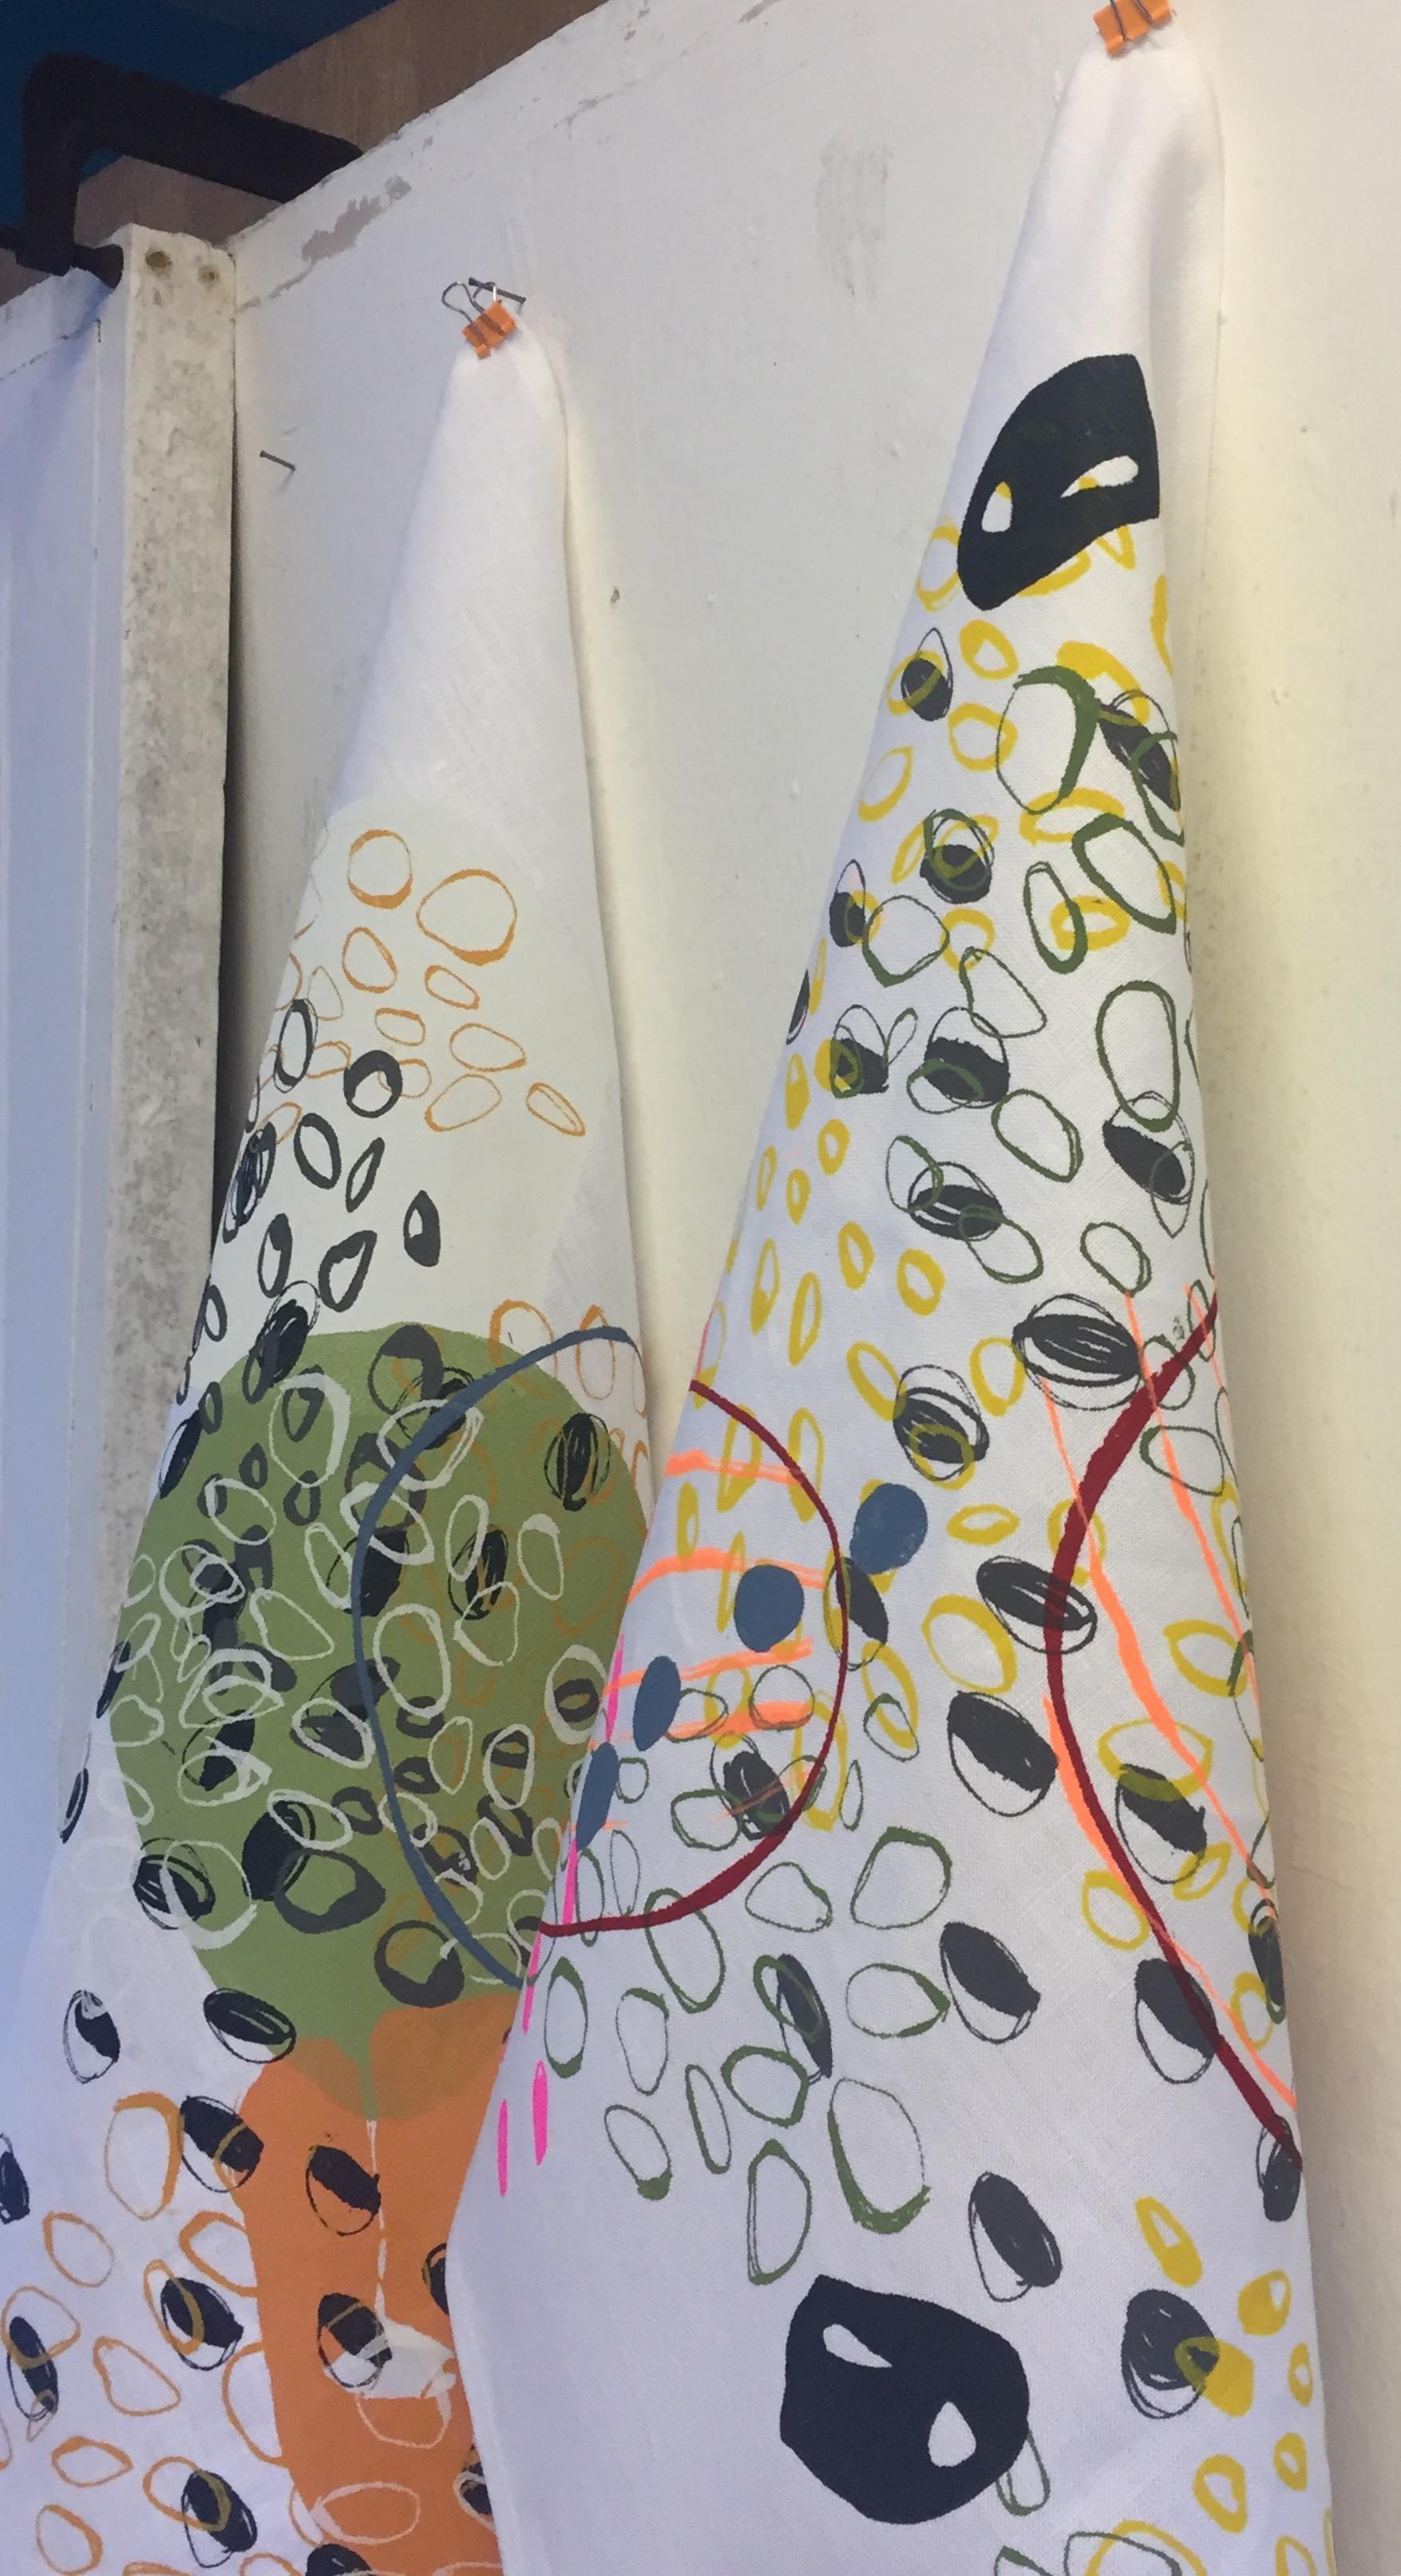 Detail of art towel